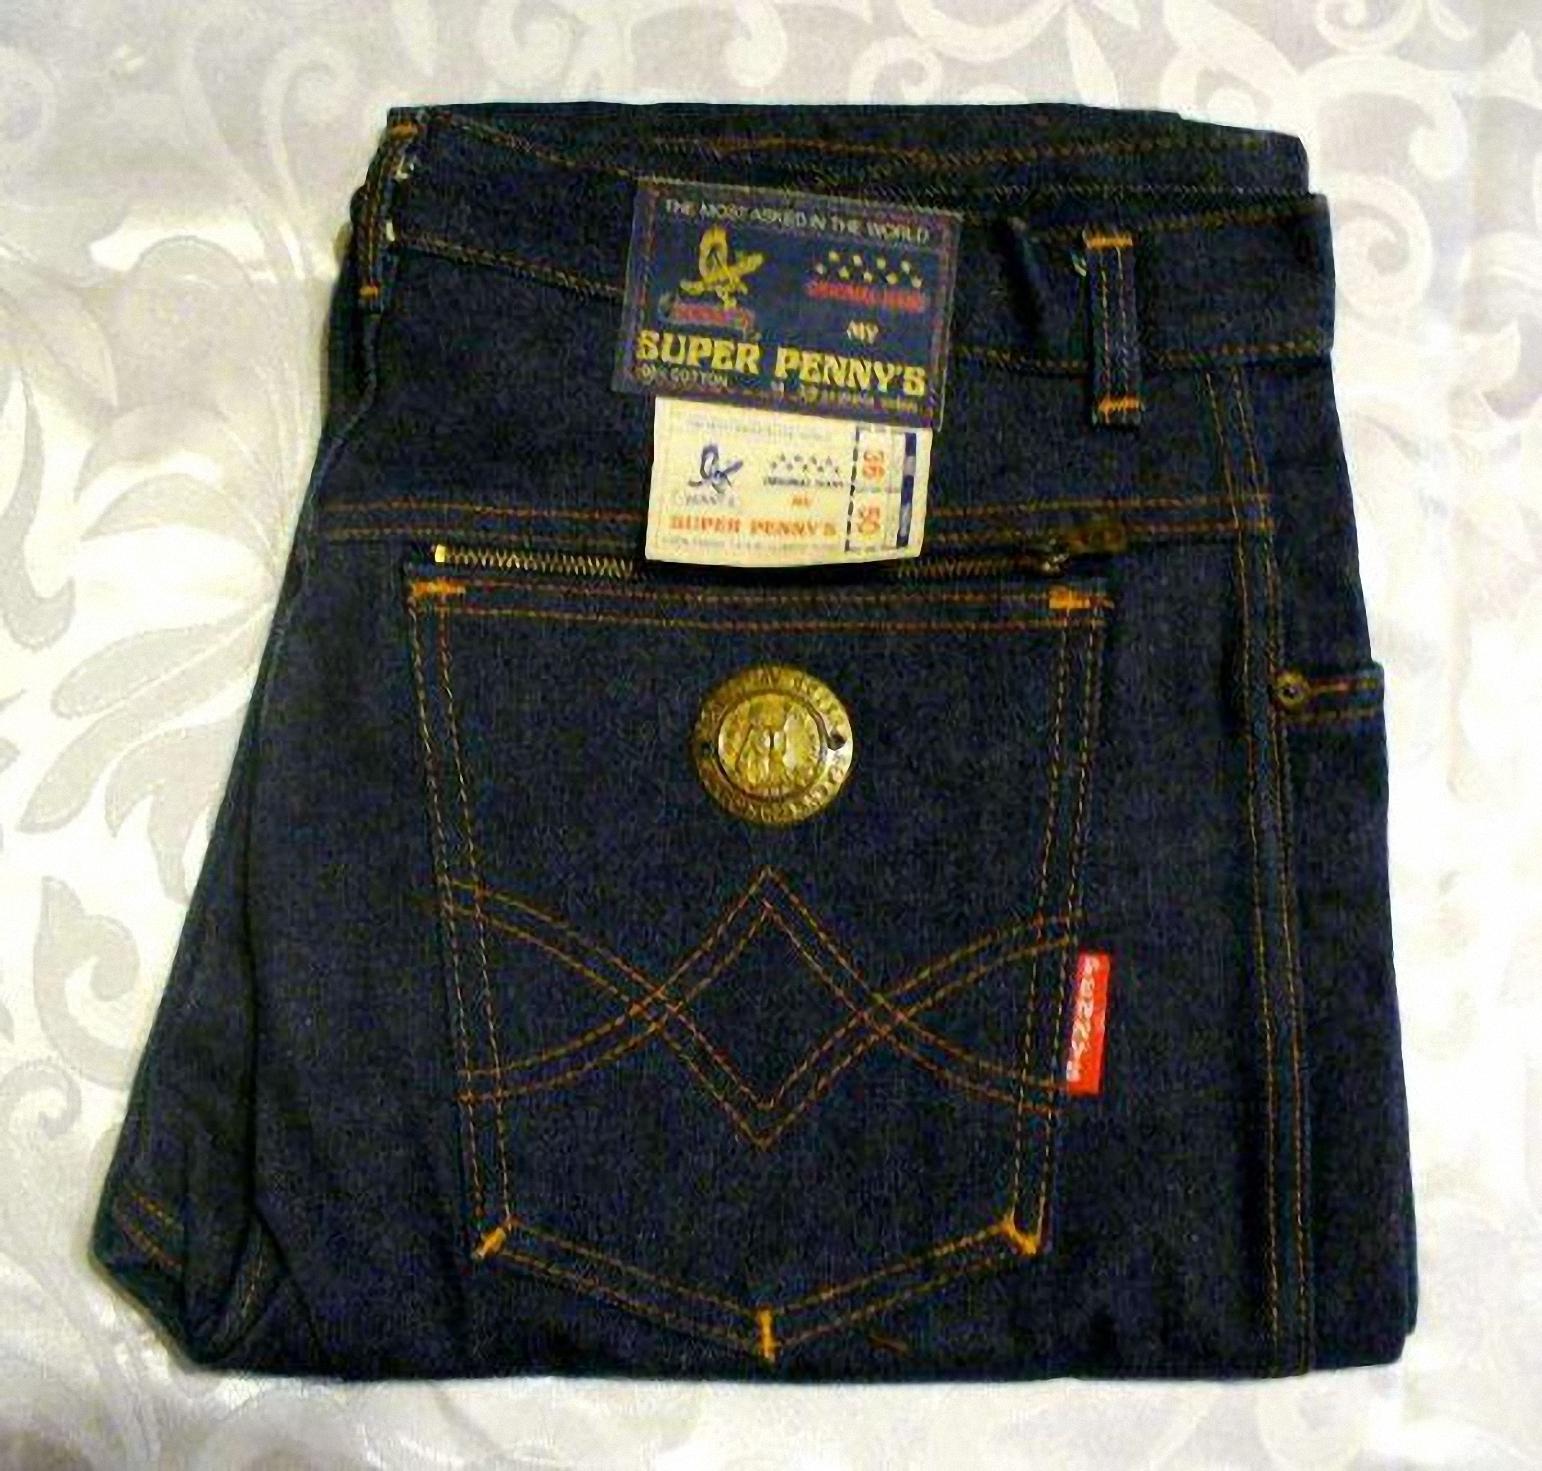 cc8fe12566dd Размер джинсов: как определить свой - таблицы размеров Как правильно  выбрать джинсы: силуэт, посадка, размеры